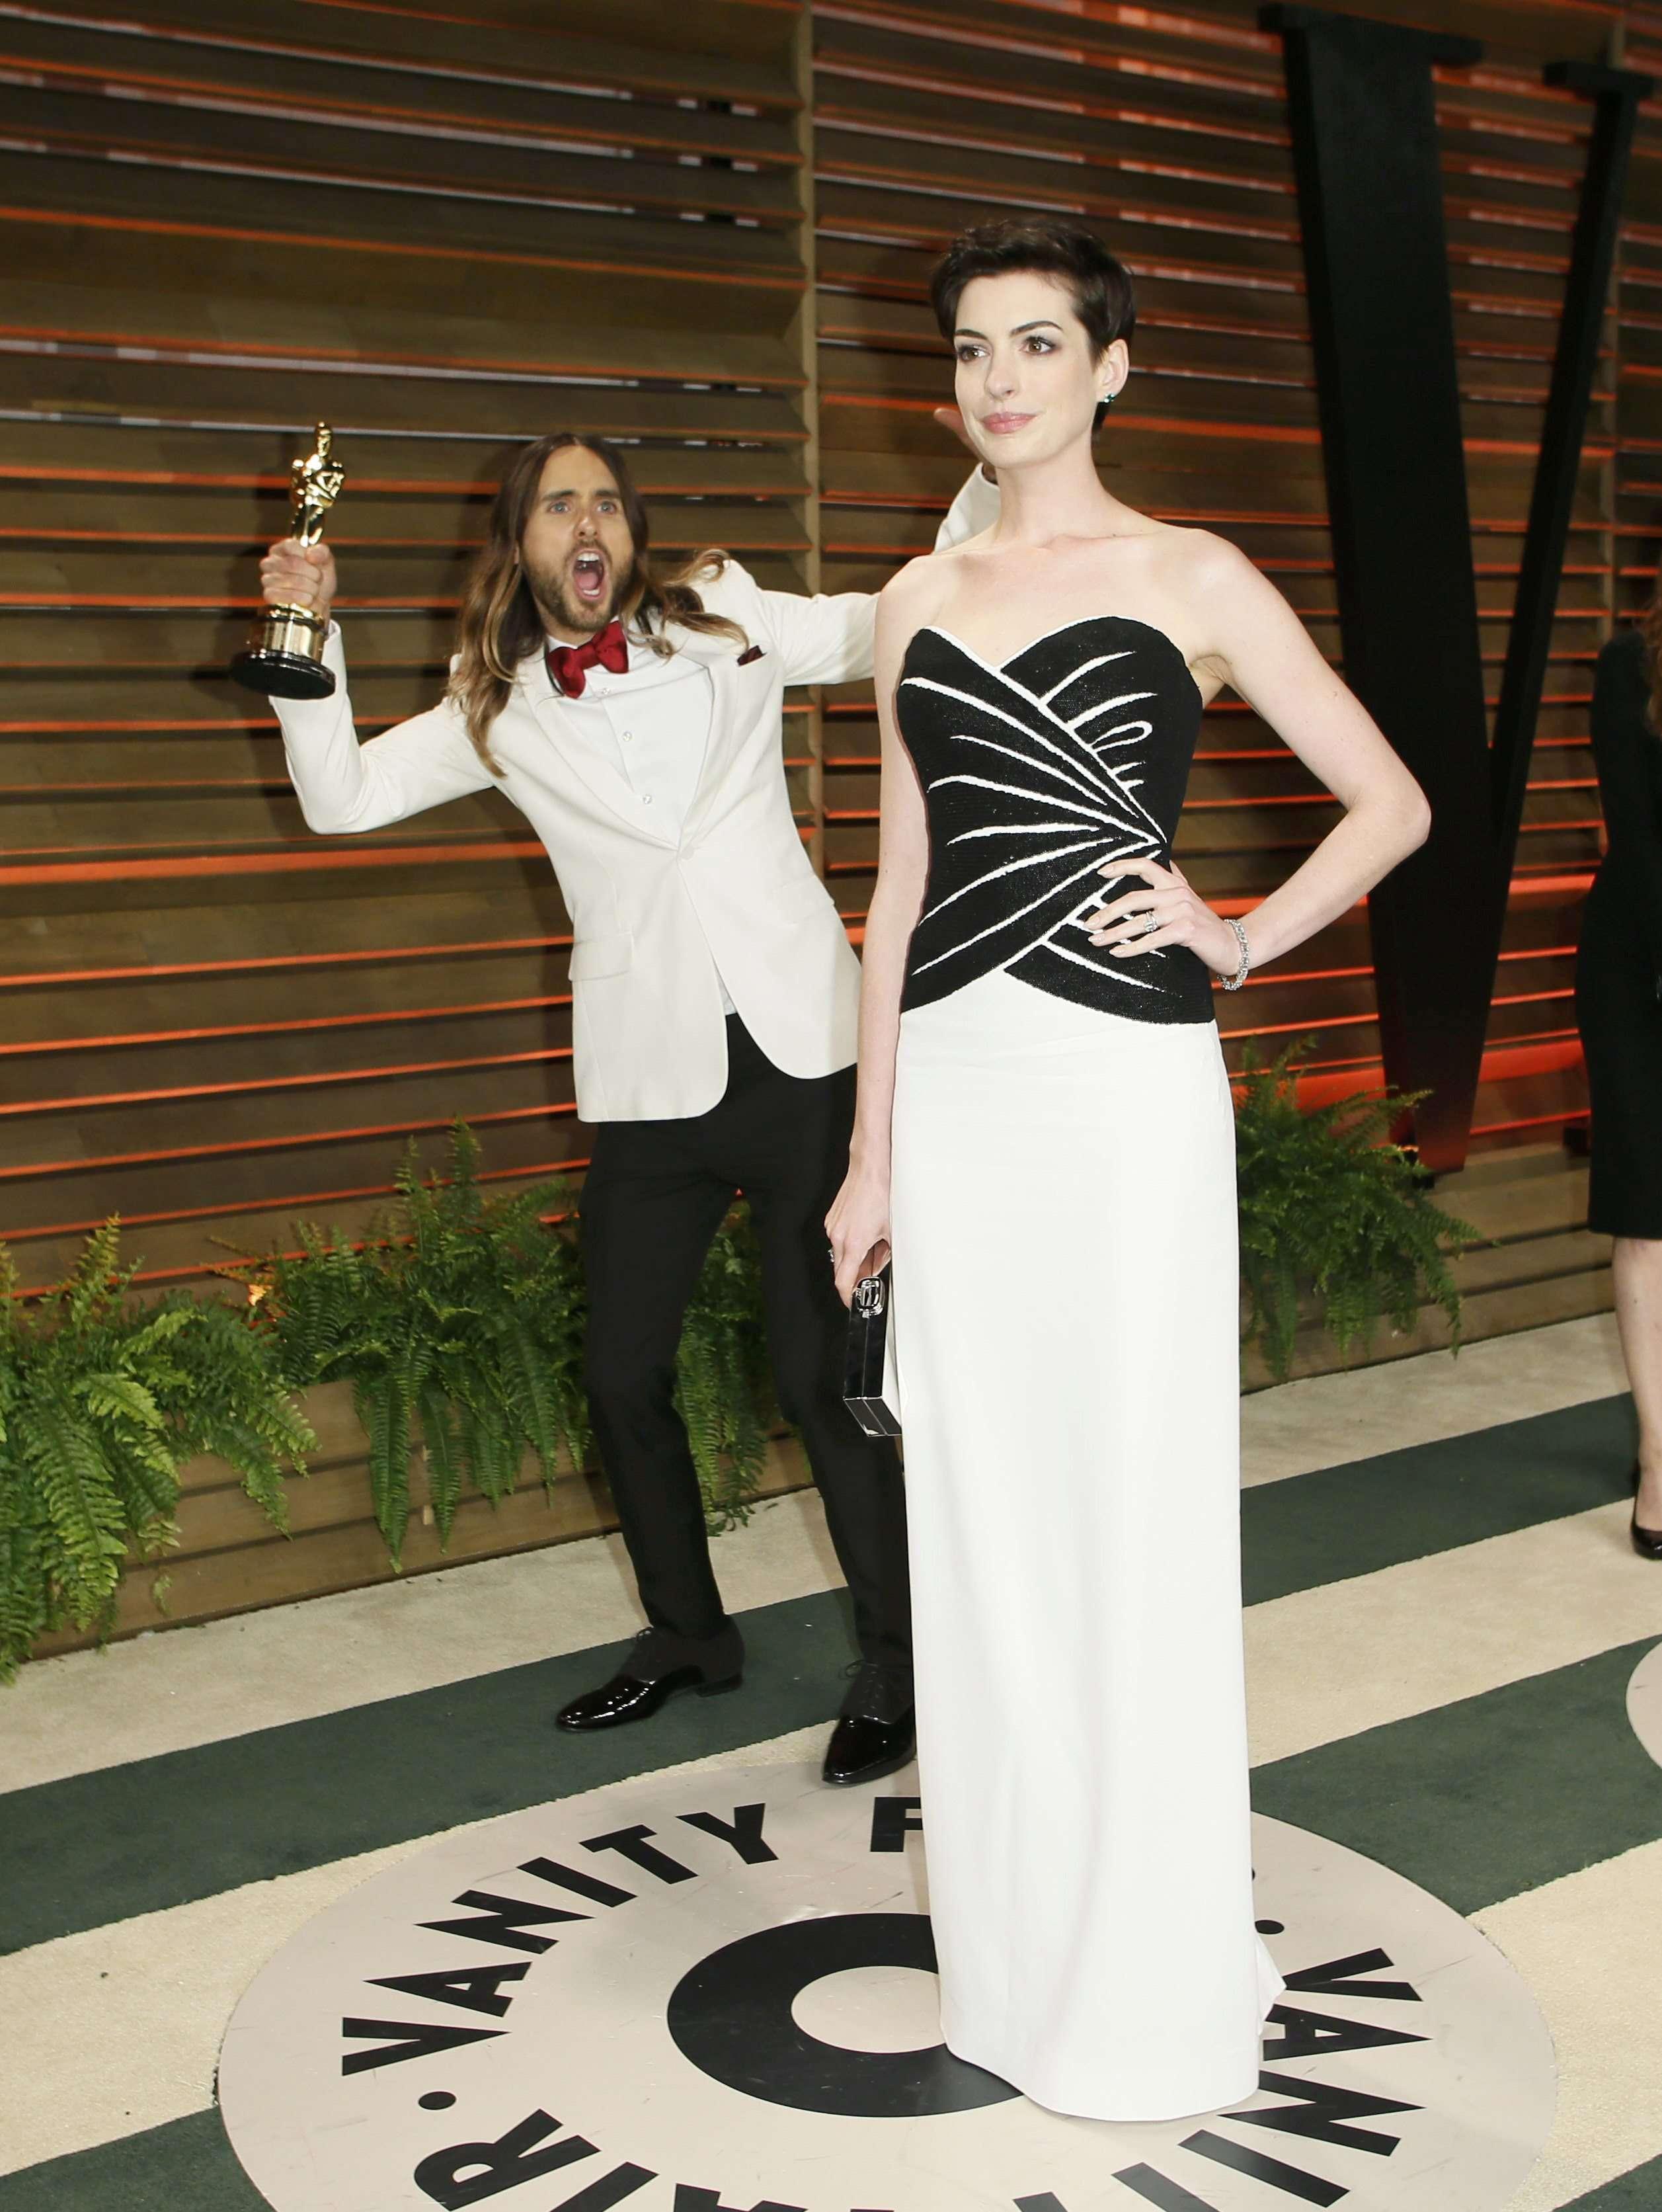 Famosos se divertem nos bastidores do Oscar, veja fotos